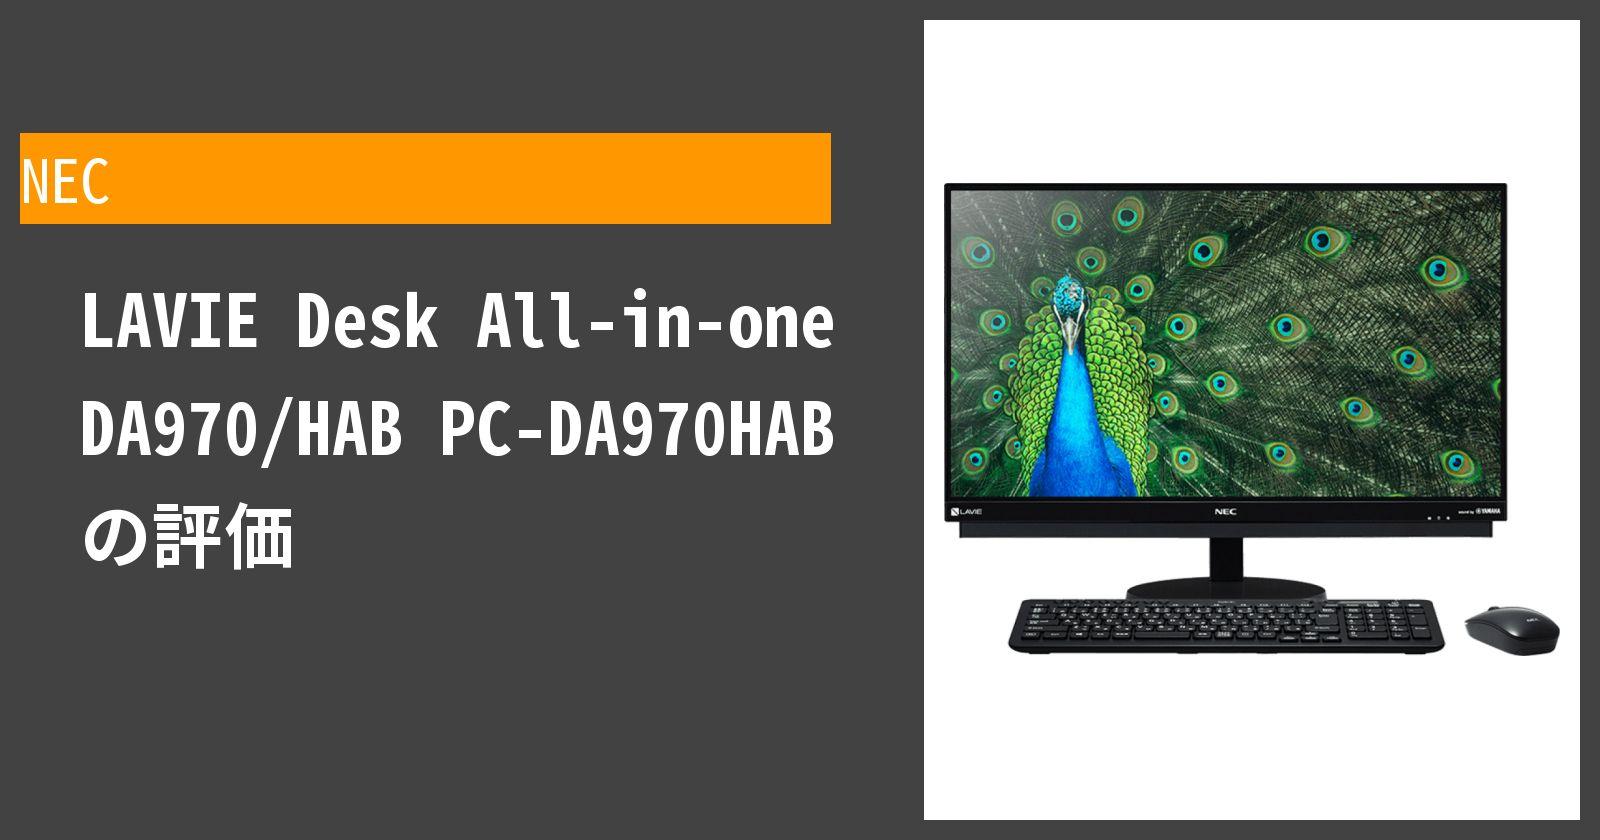 LAVIE Desk All-in-one DA970/HAB PC-DA970HABを徹底評価